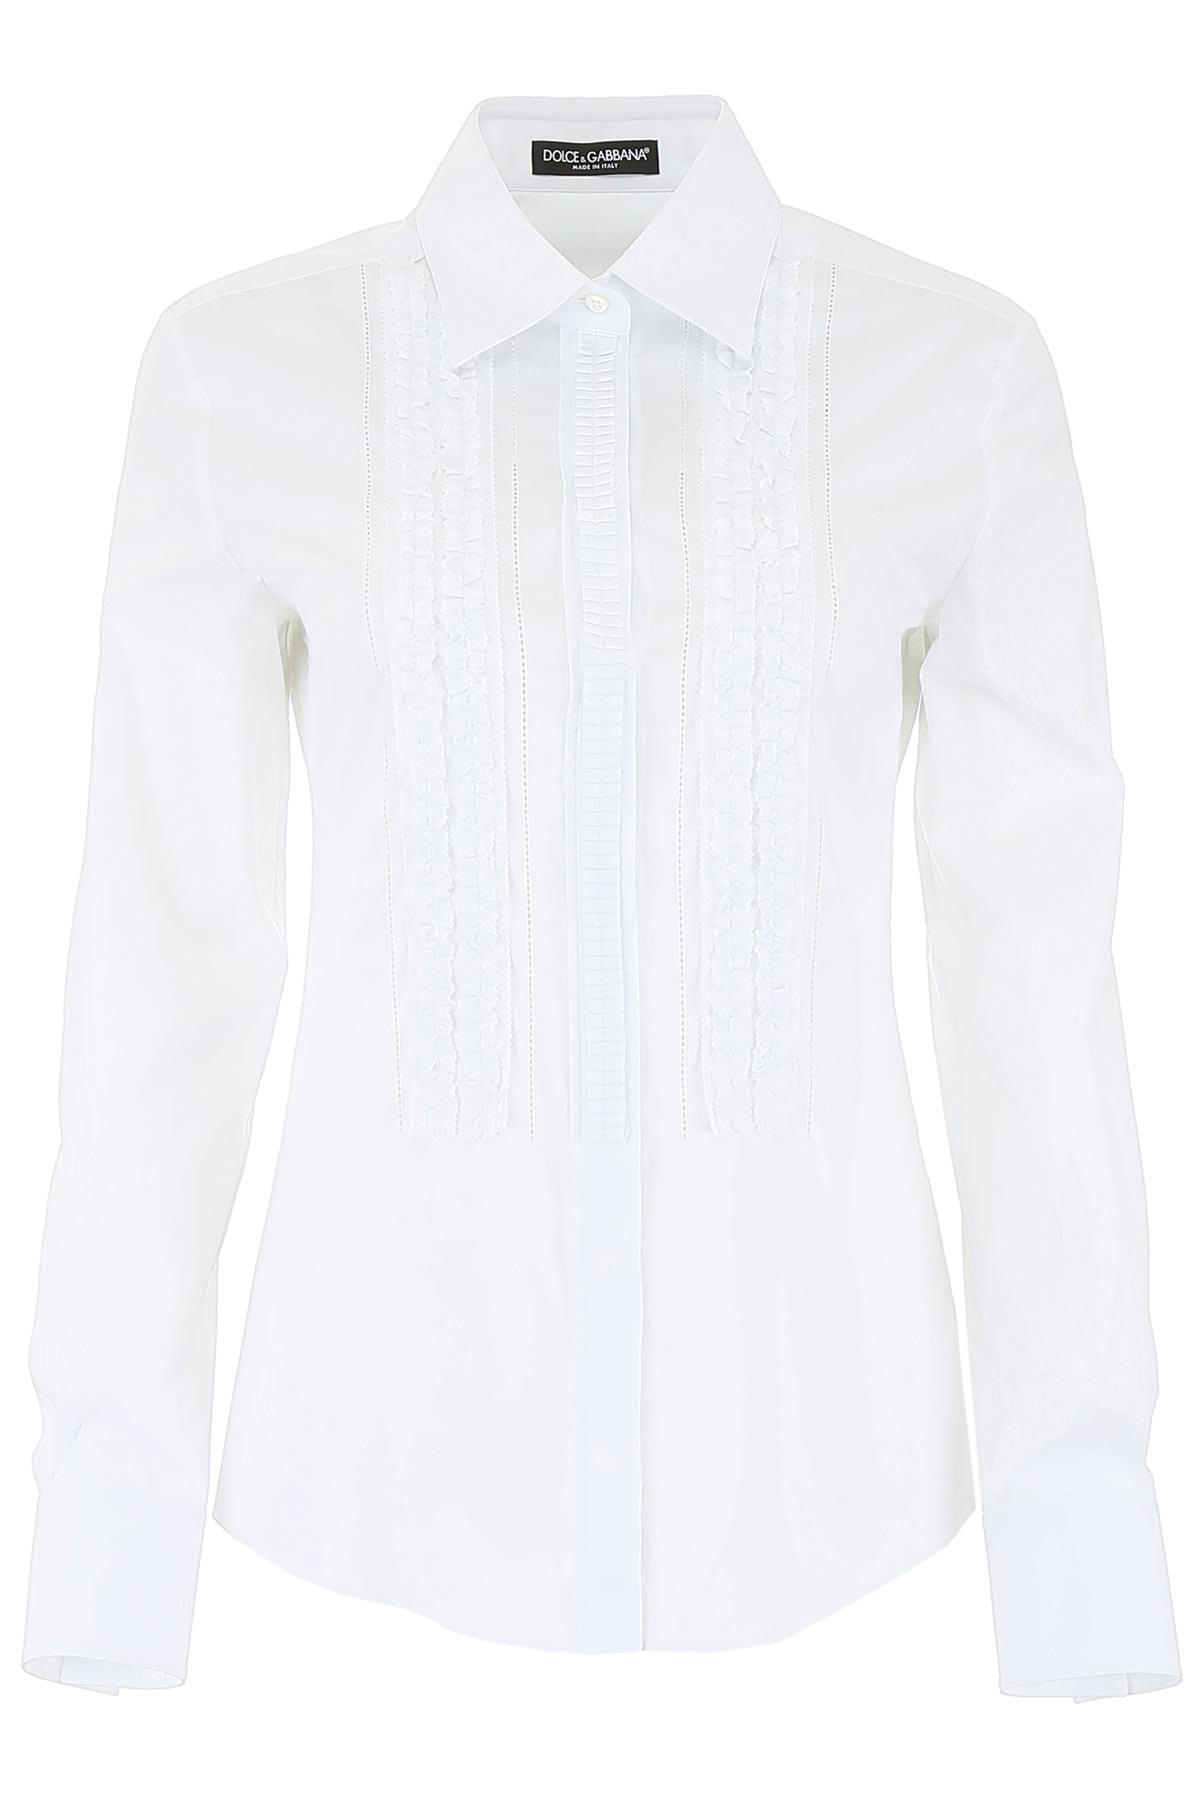 Dolce & Gabbana Frilled Shirt